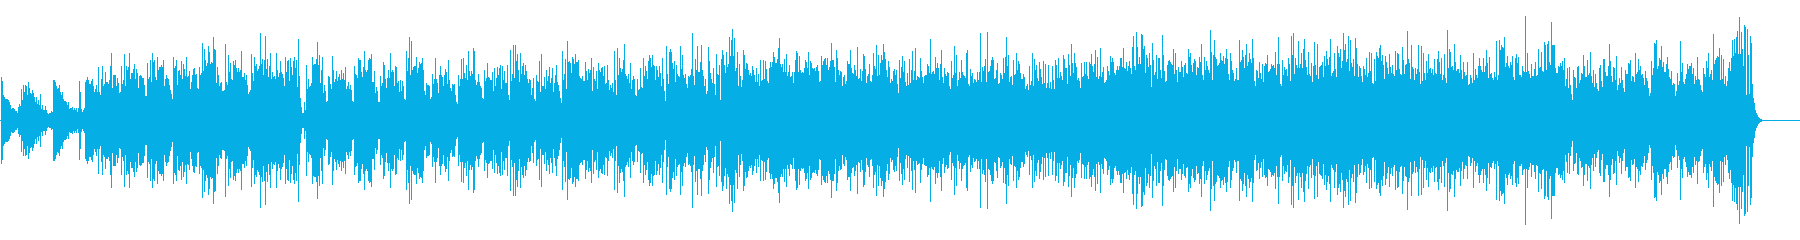 クールなサマー・ミュージック(ボサノバ)の再生済みの波形